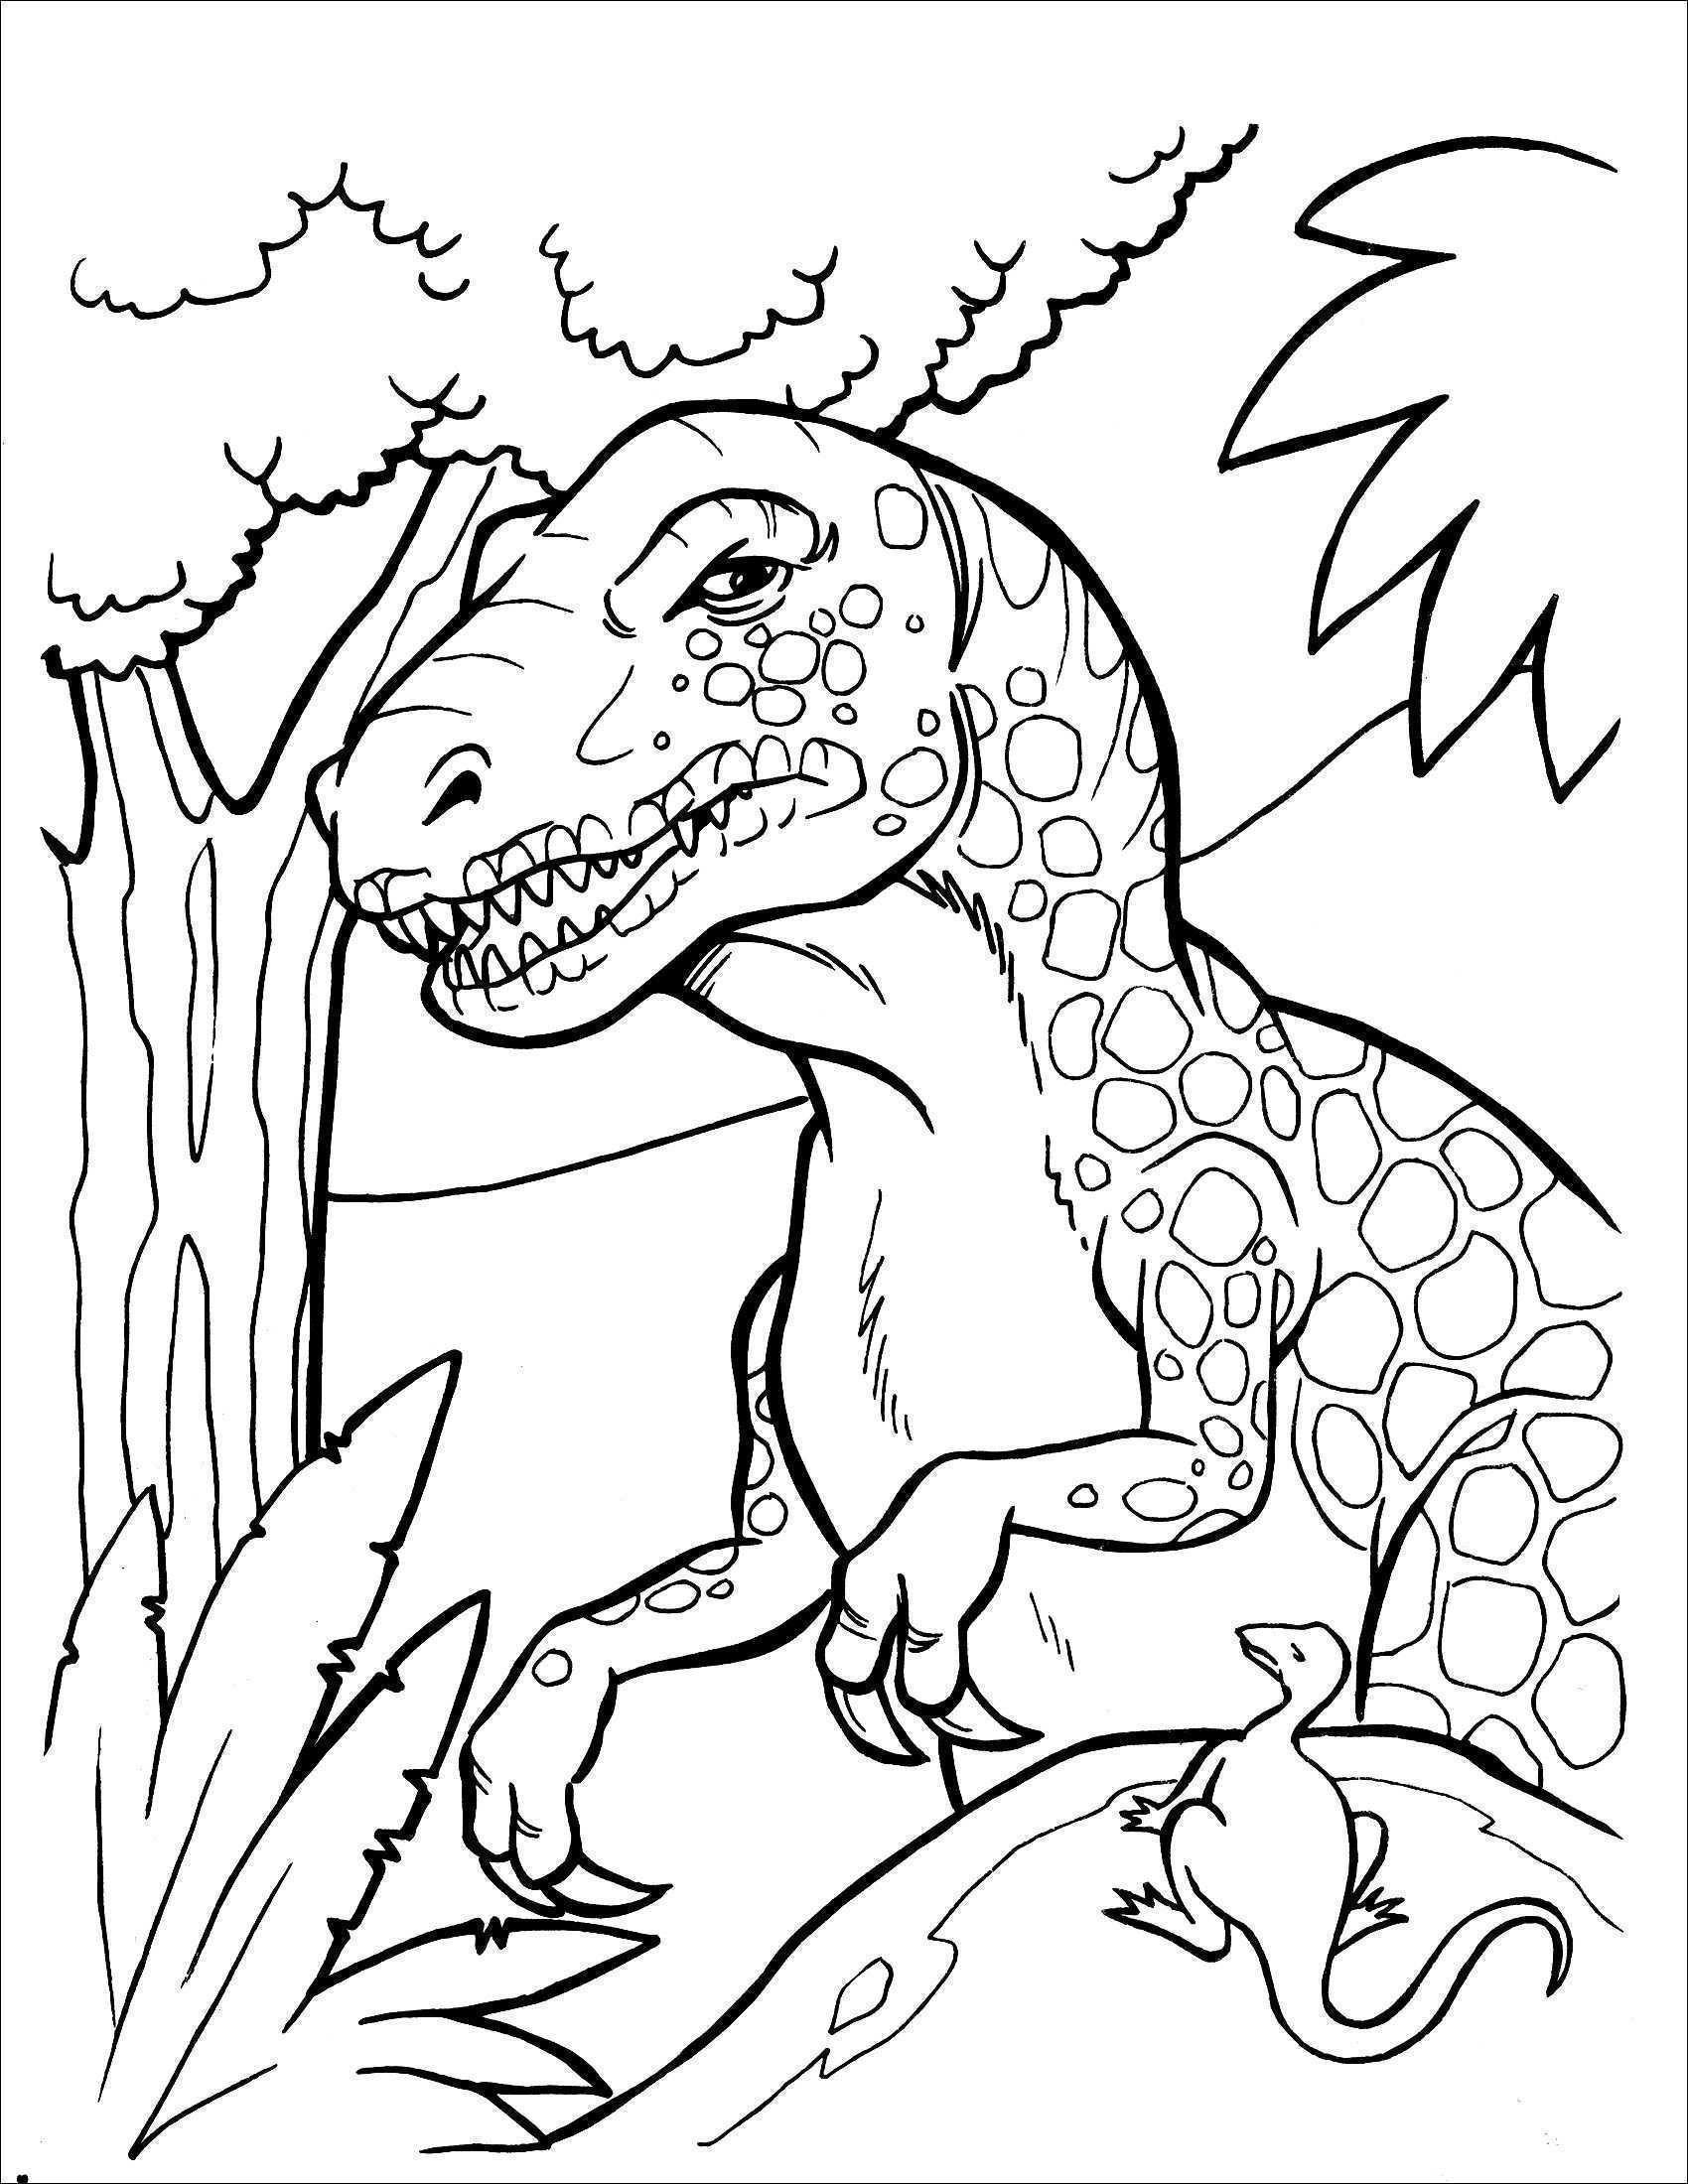 T Rex Zum Ausmalen Frisch Ausmalbilder T Rex Bildnis 40 Ausmalbilder Dinosaurier Rex Fotos